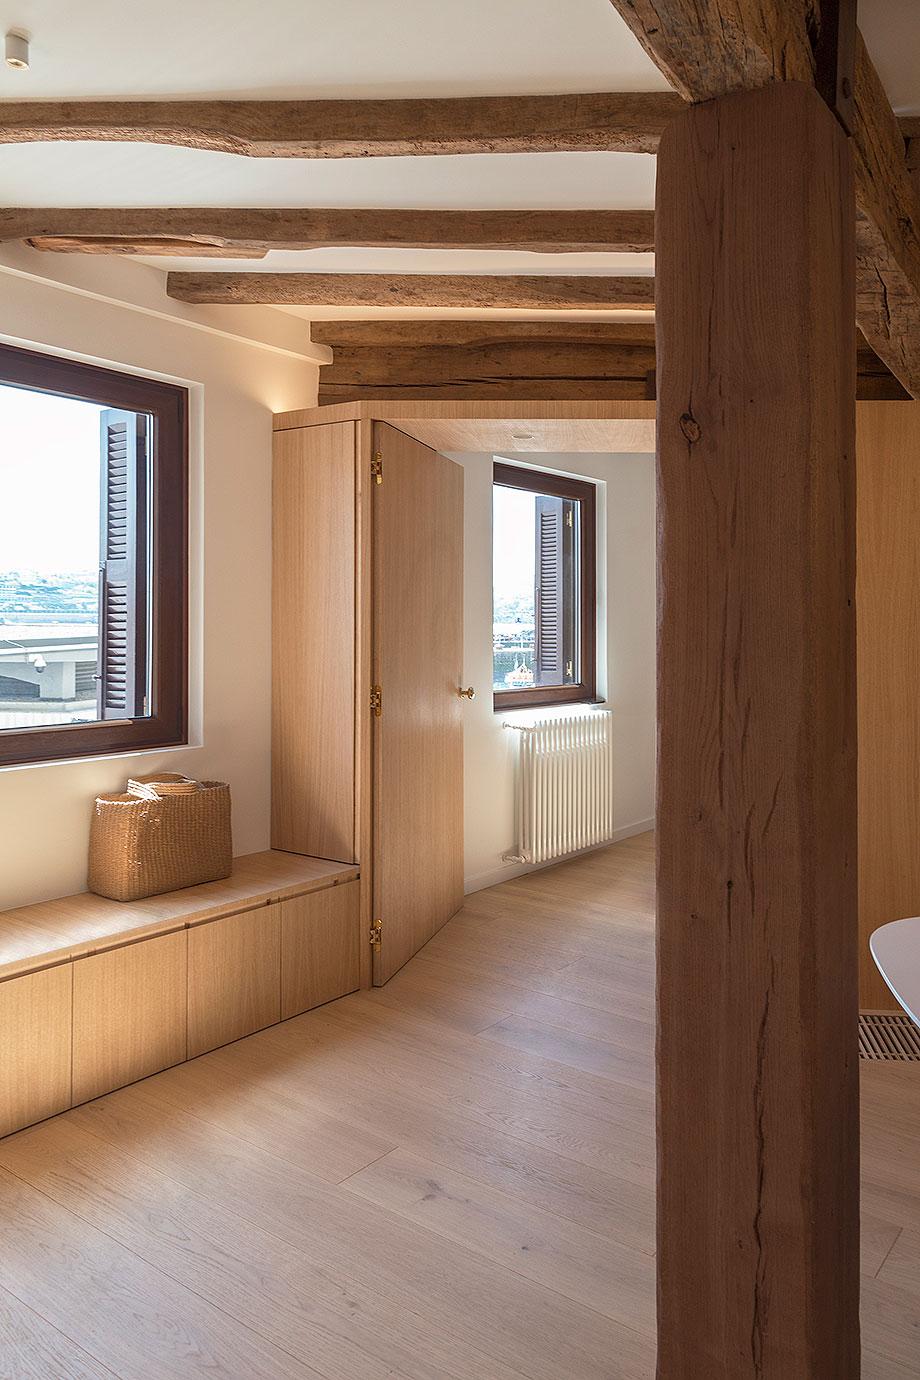 casa kaia de amaia arana arkitektura (12) - foto iñaki guridi de mitiko estudio